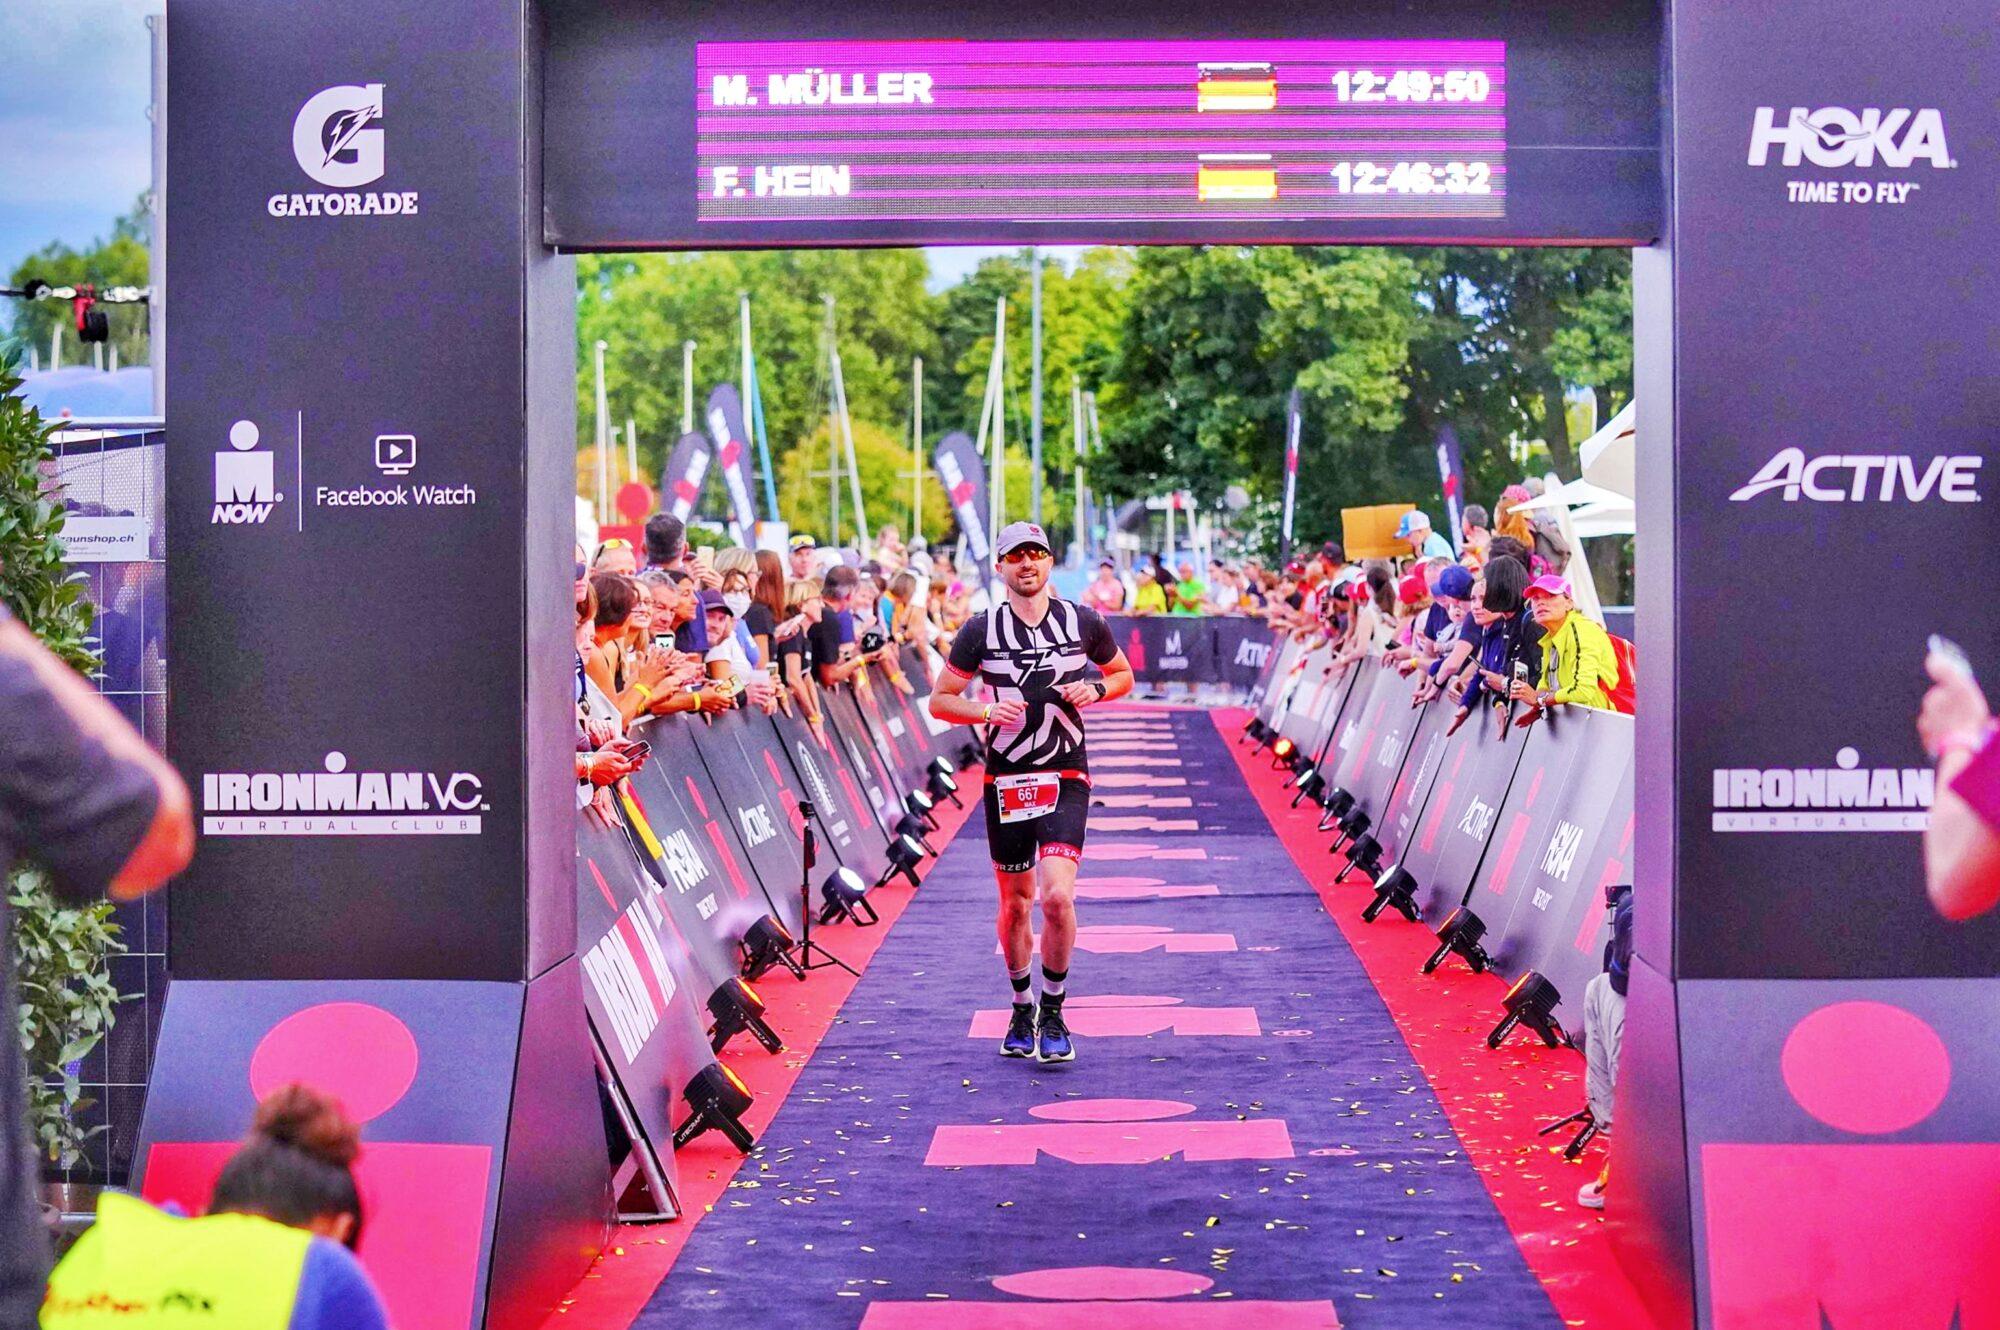 Max Run finish line 1 Ironman Switzerland